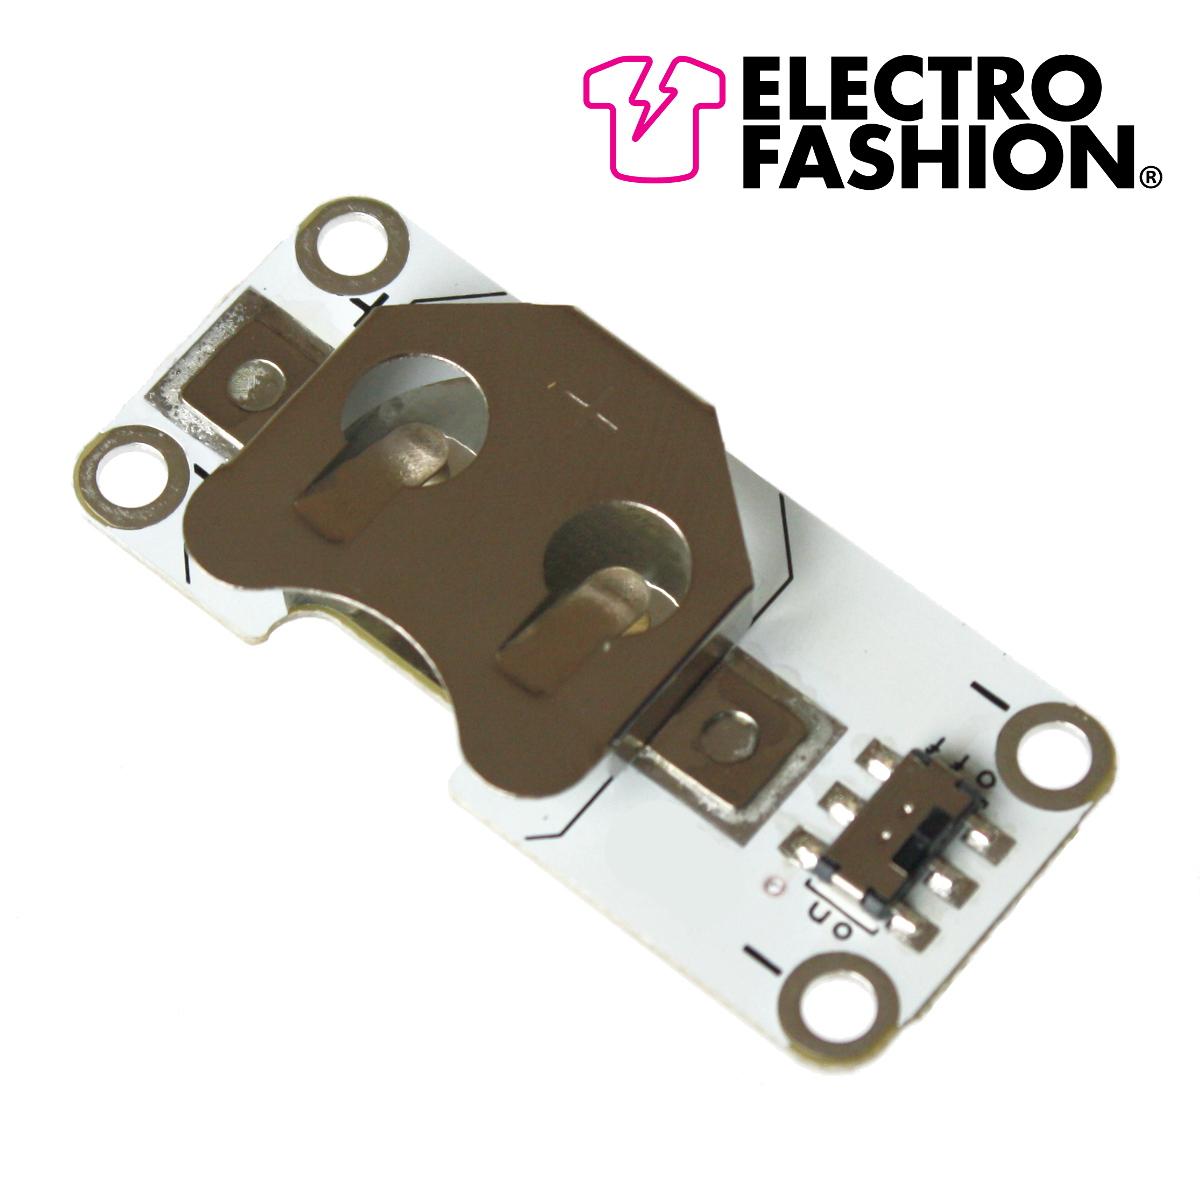 Nettigo Electro Fashion Switched Coin Cell Holder Kitronik 2711